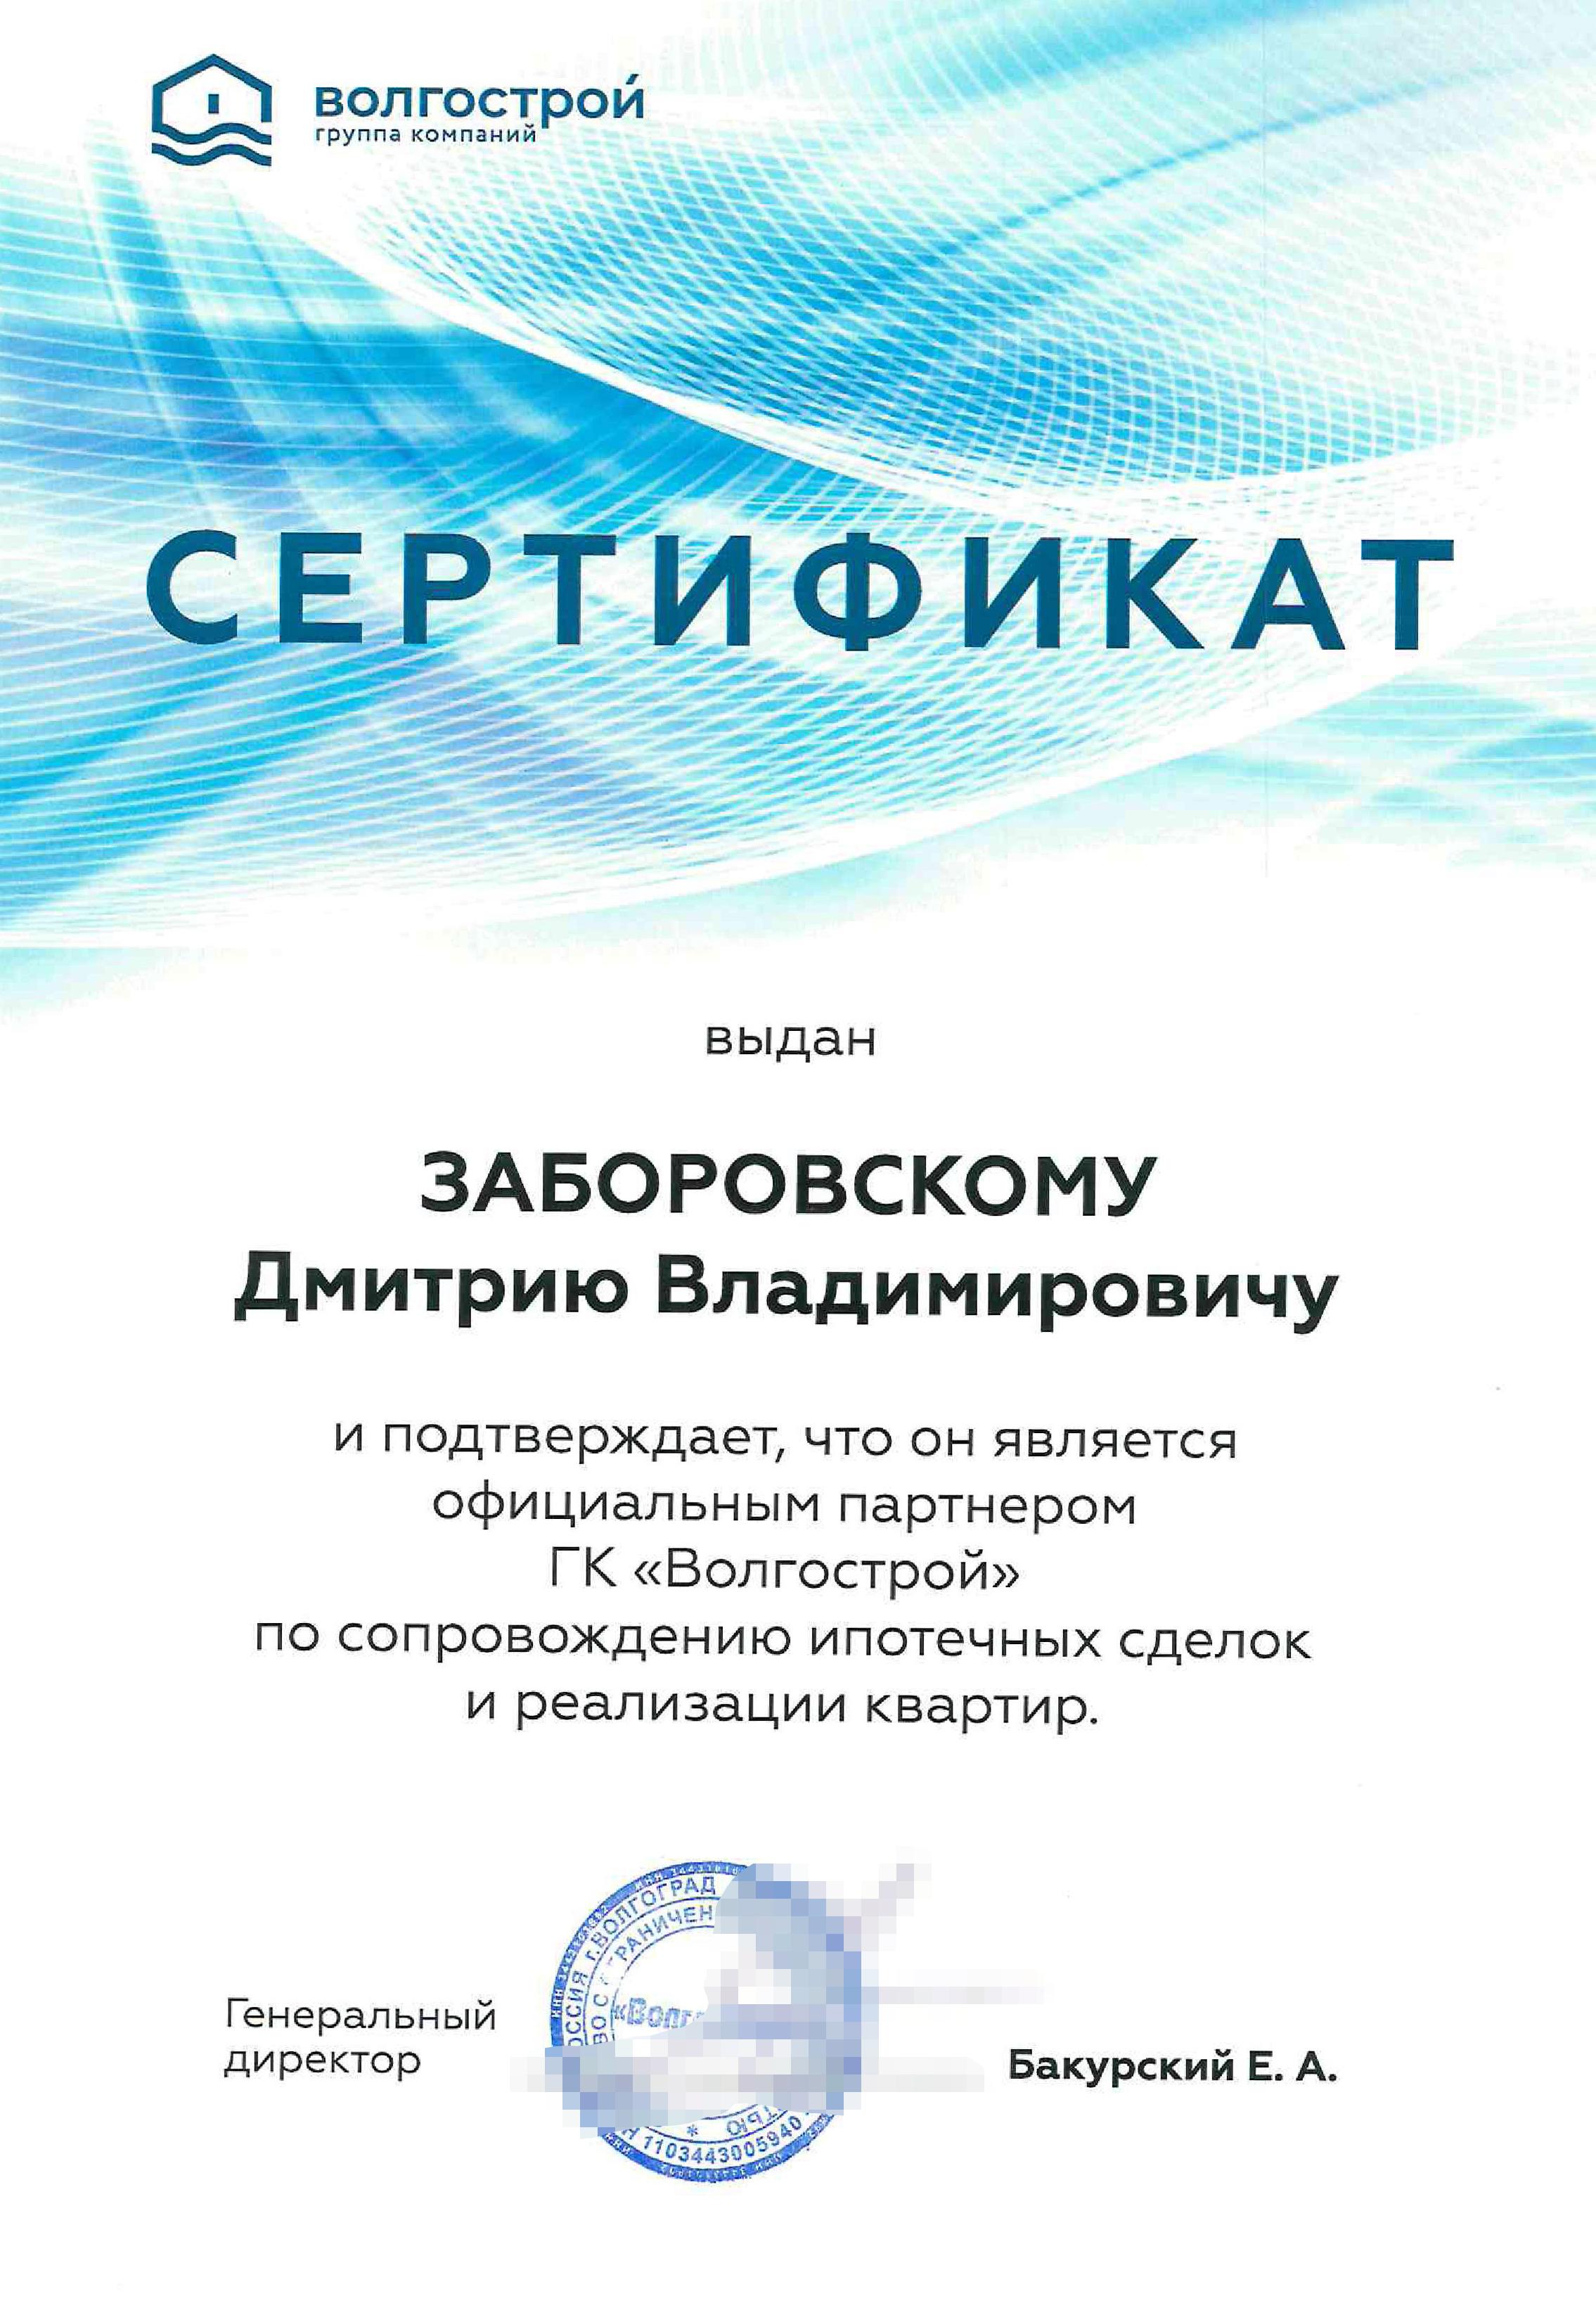 Так выглядит сертификат официального партнера. Сертификаты застройщики выдают редко, поэтому чаще всего у партнеров есть только агентский договор